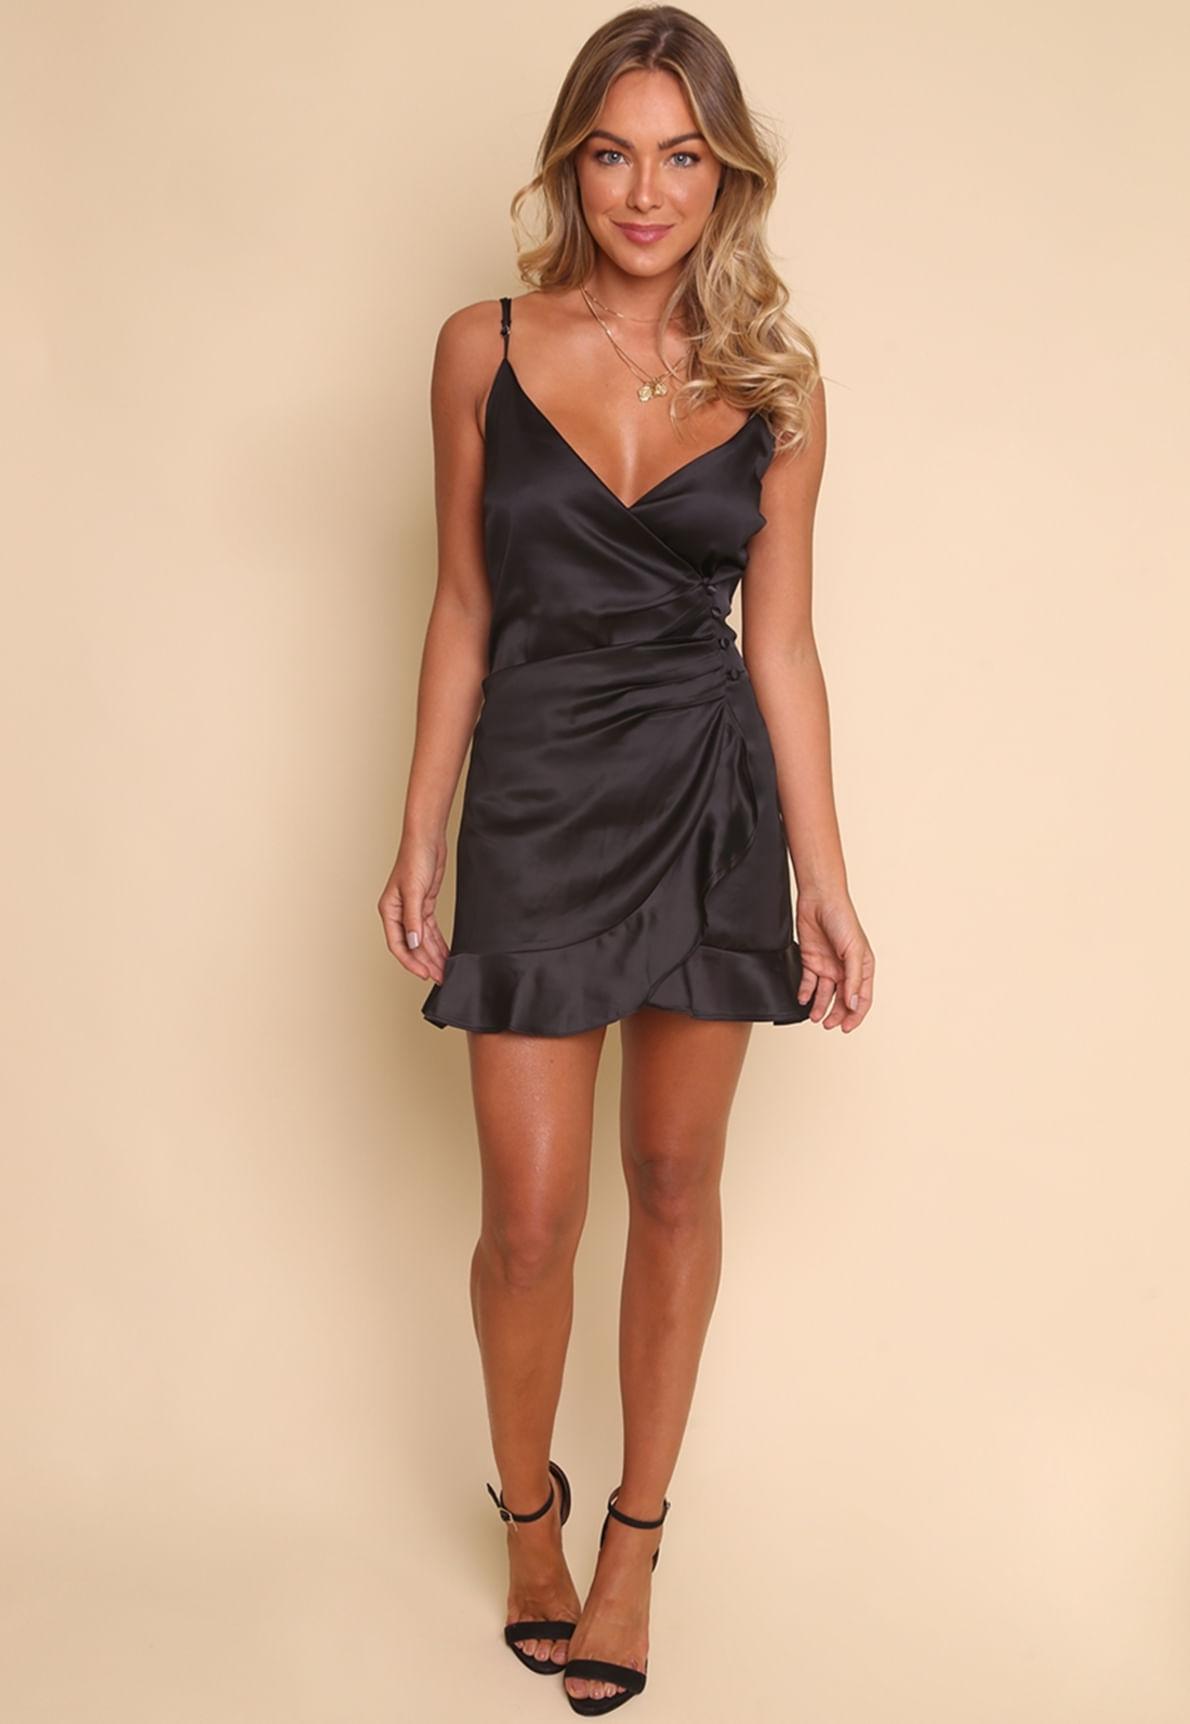 30473-vestido-transpassado-thainy-mundo-lolita-03